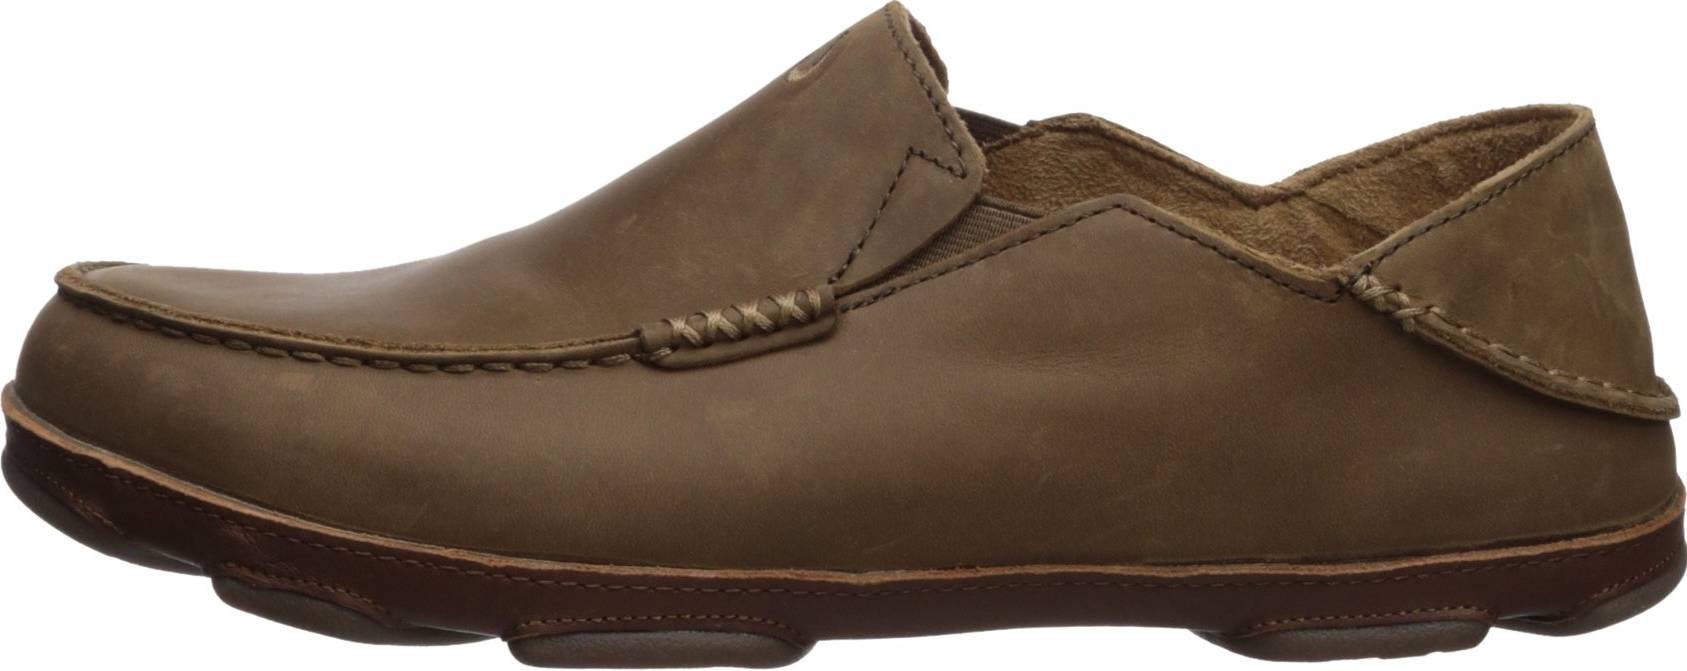 OluKai Walking Shoes (13 Models in